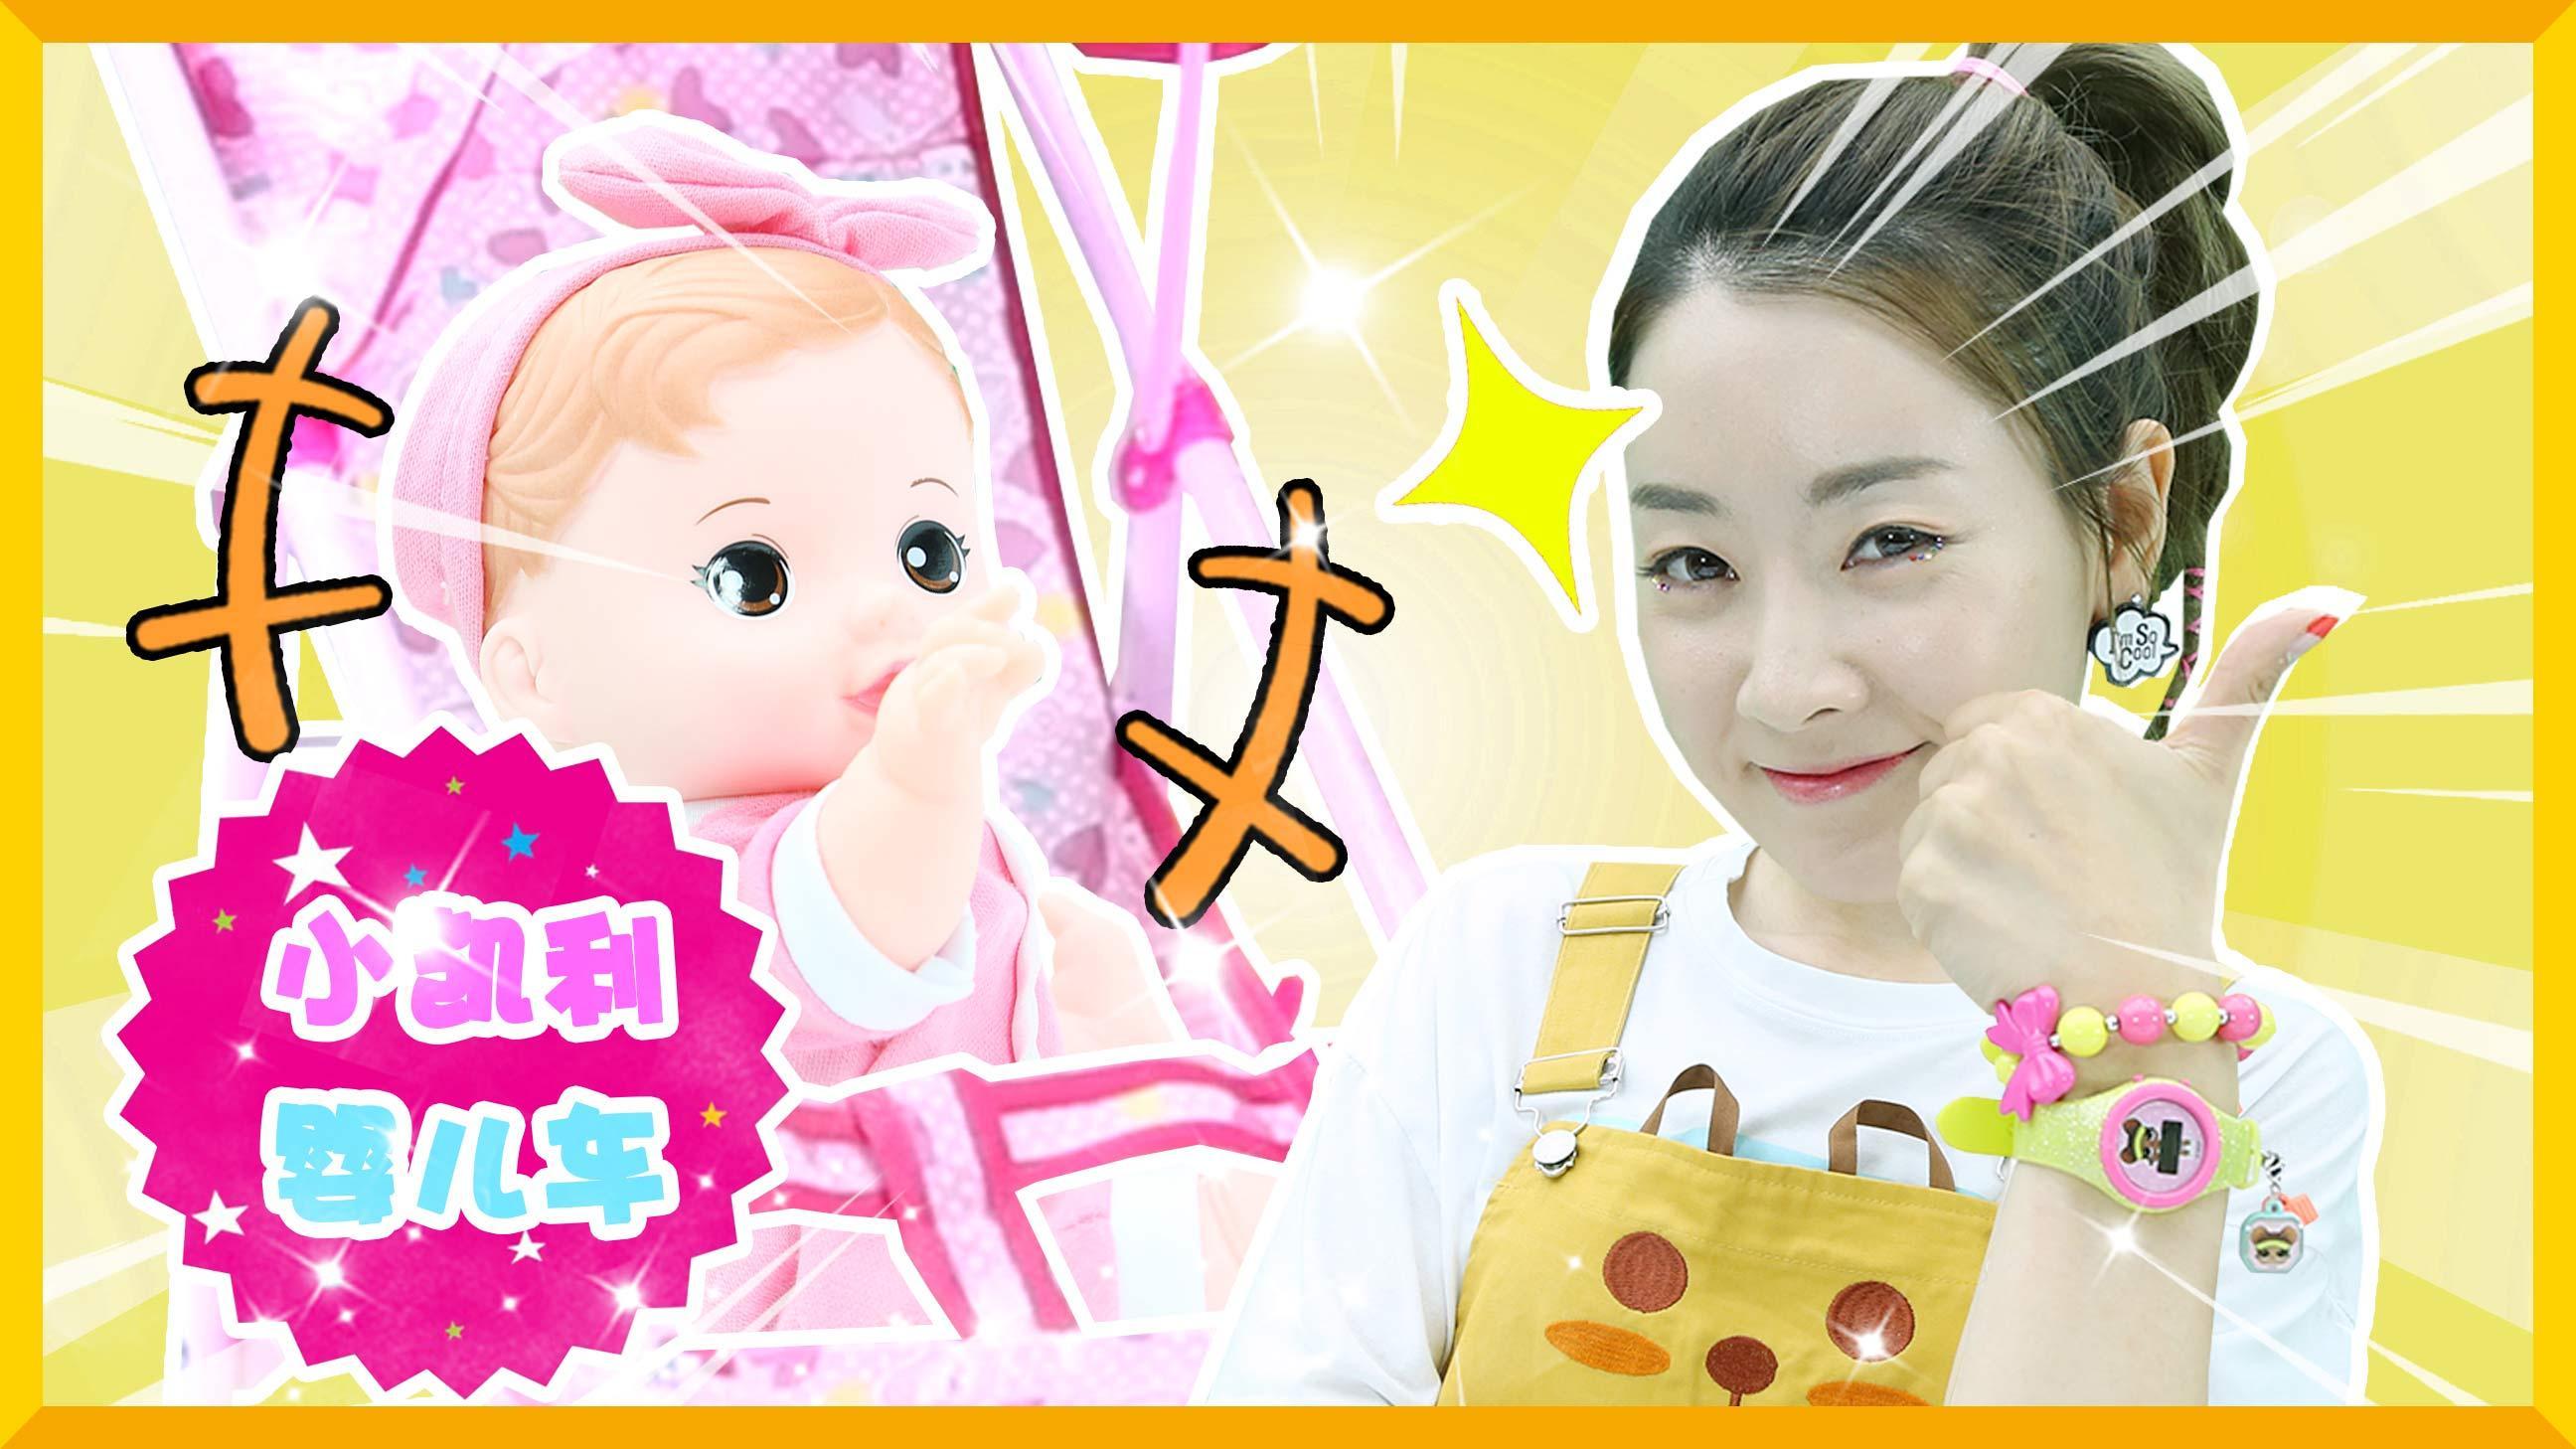 婴儿版小凯利的首次大公开!还有超萌的专属婴儿车 | 爱丽和故事  EllieAndStory